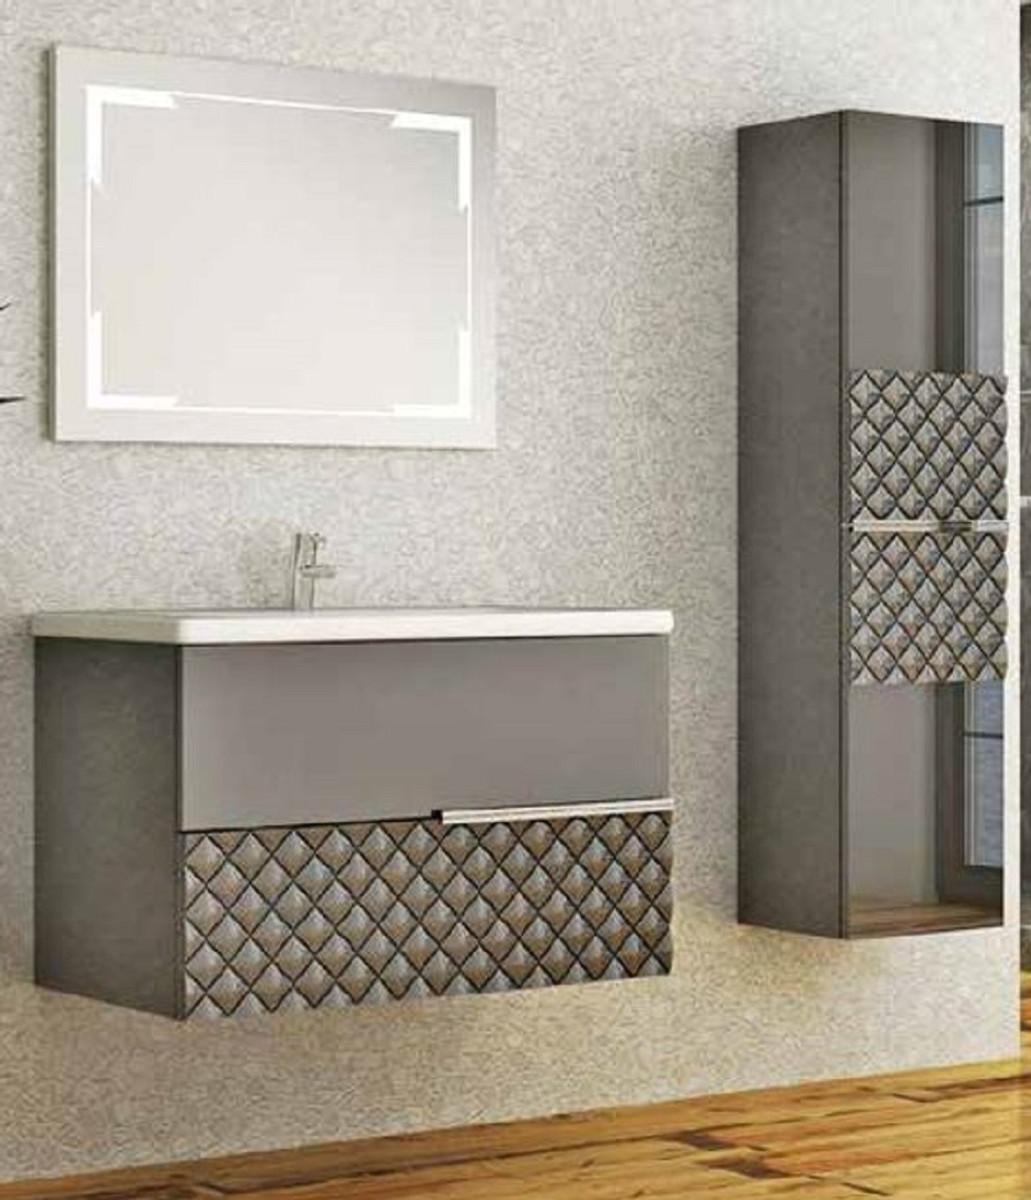 Casa Padrino Luxus Badezimmer Set Grau Schwarz 1 Waschtisch Und 1 Waschbecken Und 1 Led Wandspiegel Und 1 Hangeschrank Luxus Kollektion Freistehende Badewannen Badezimmer Mobel Badezimmer Mobel